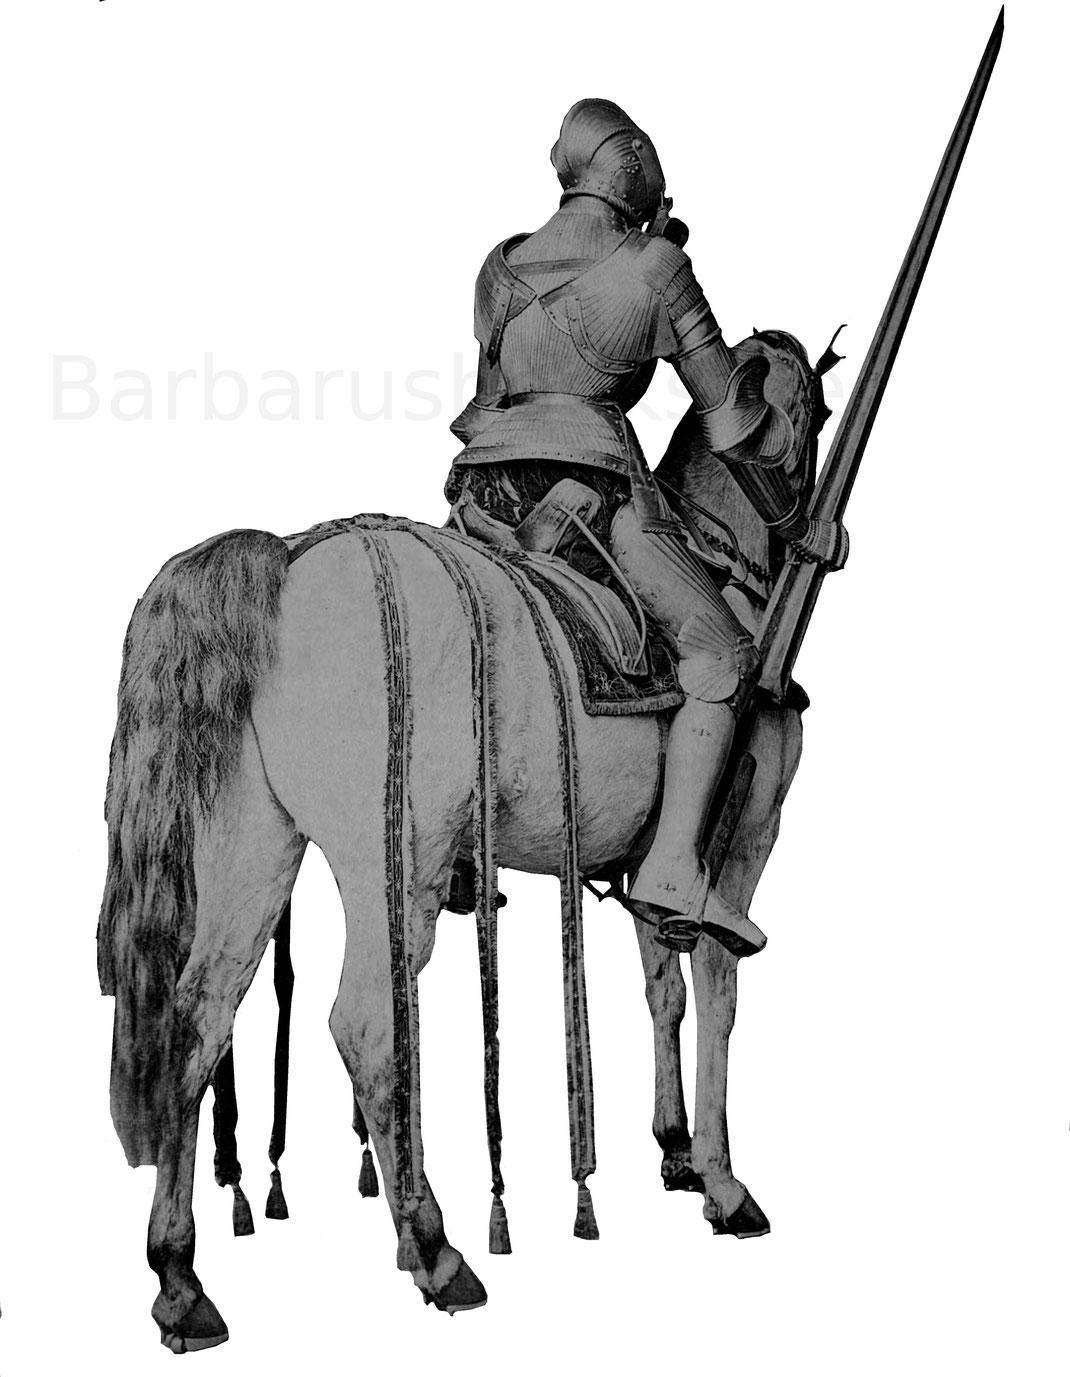 Rückansicht der Reiterrüstung des 16. Jahrhunderts.